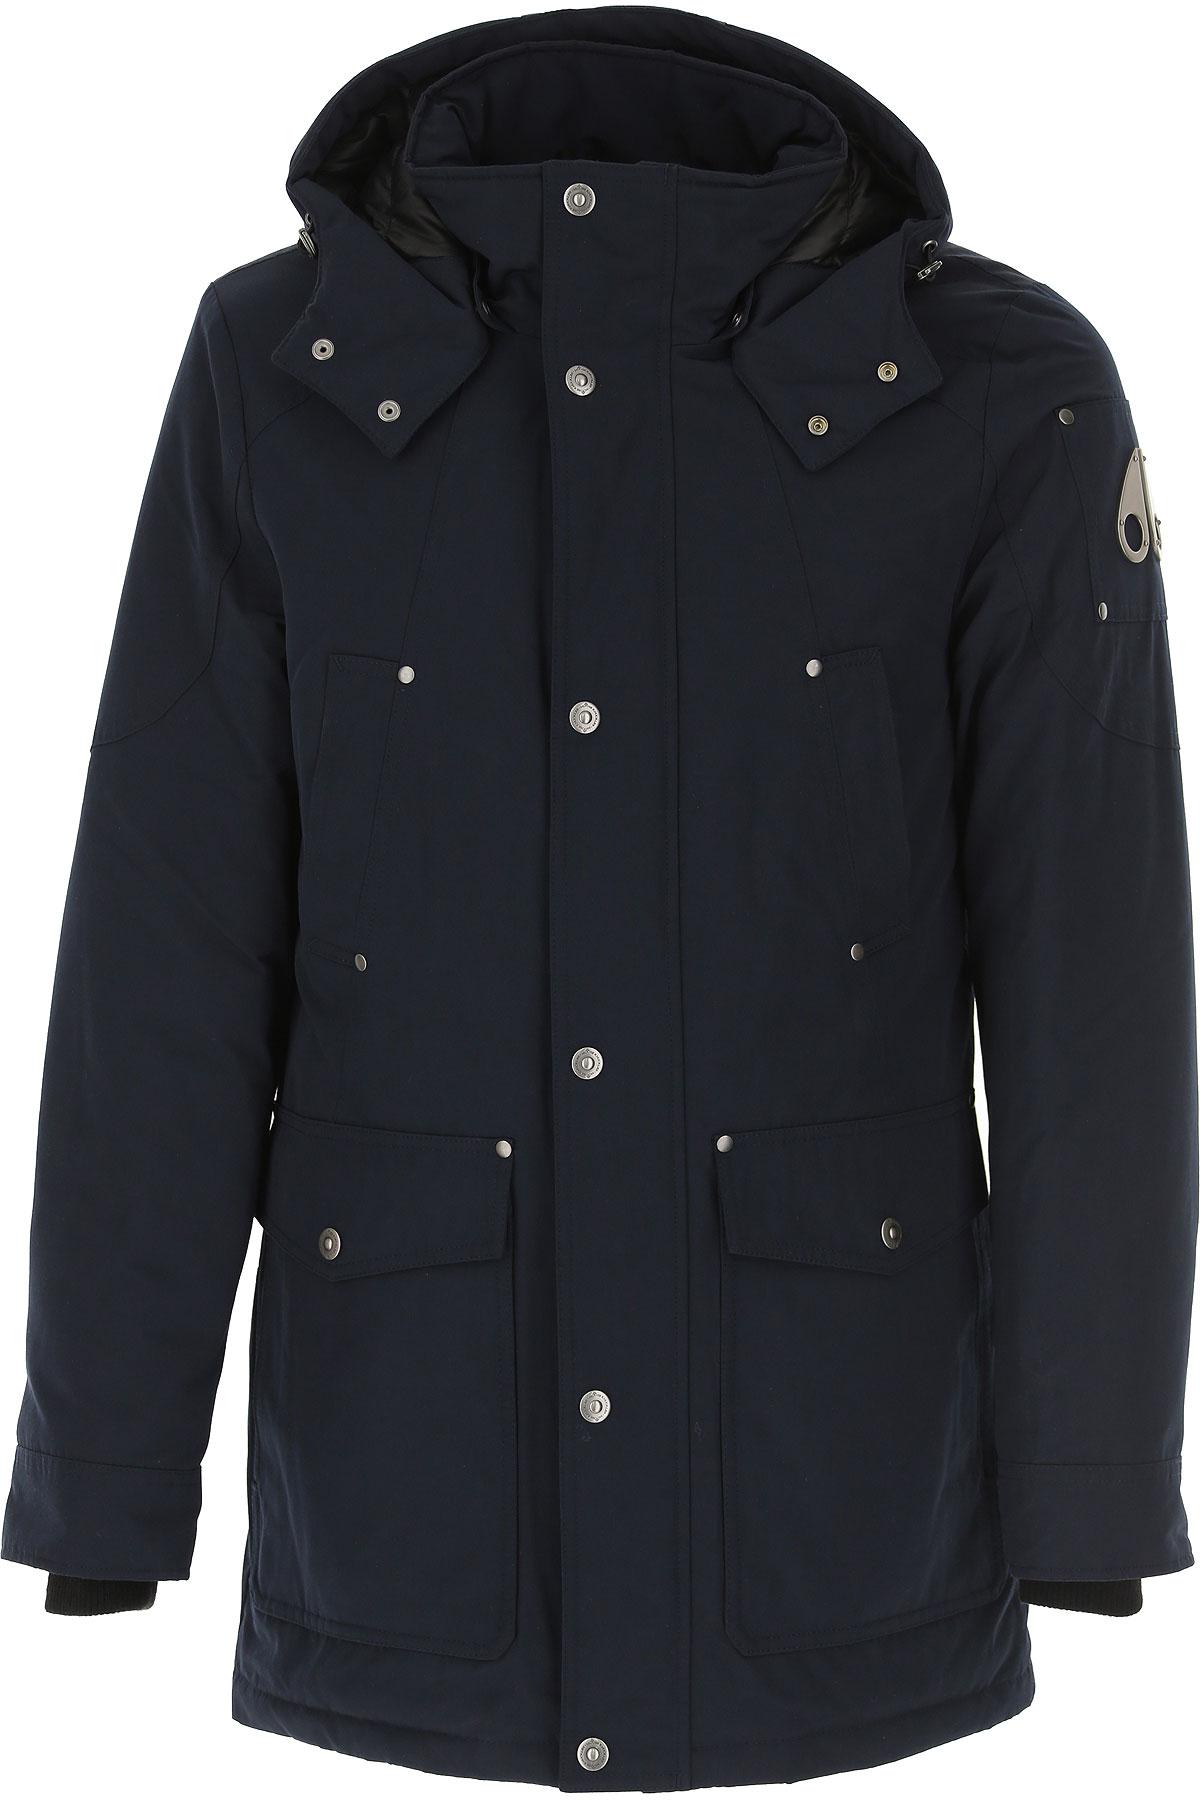 Moose Knuckles Down Jacket for Men, Puffer Ski Jacket On Sale, Navy Blue, Down, 2019, L M S